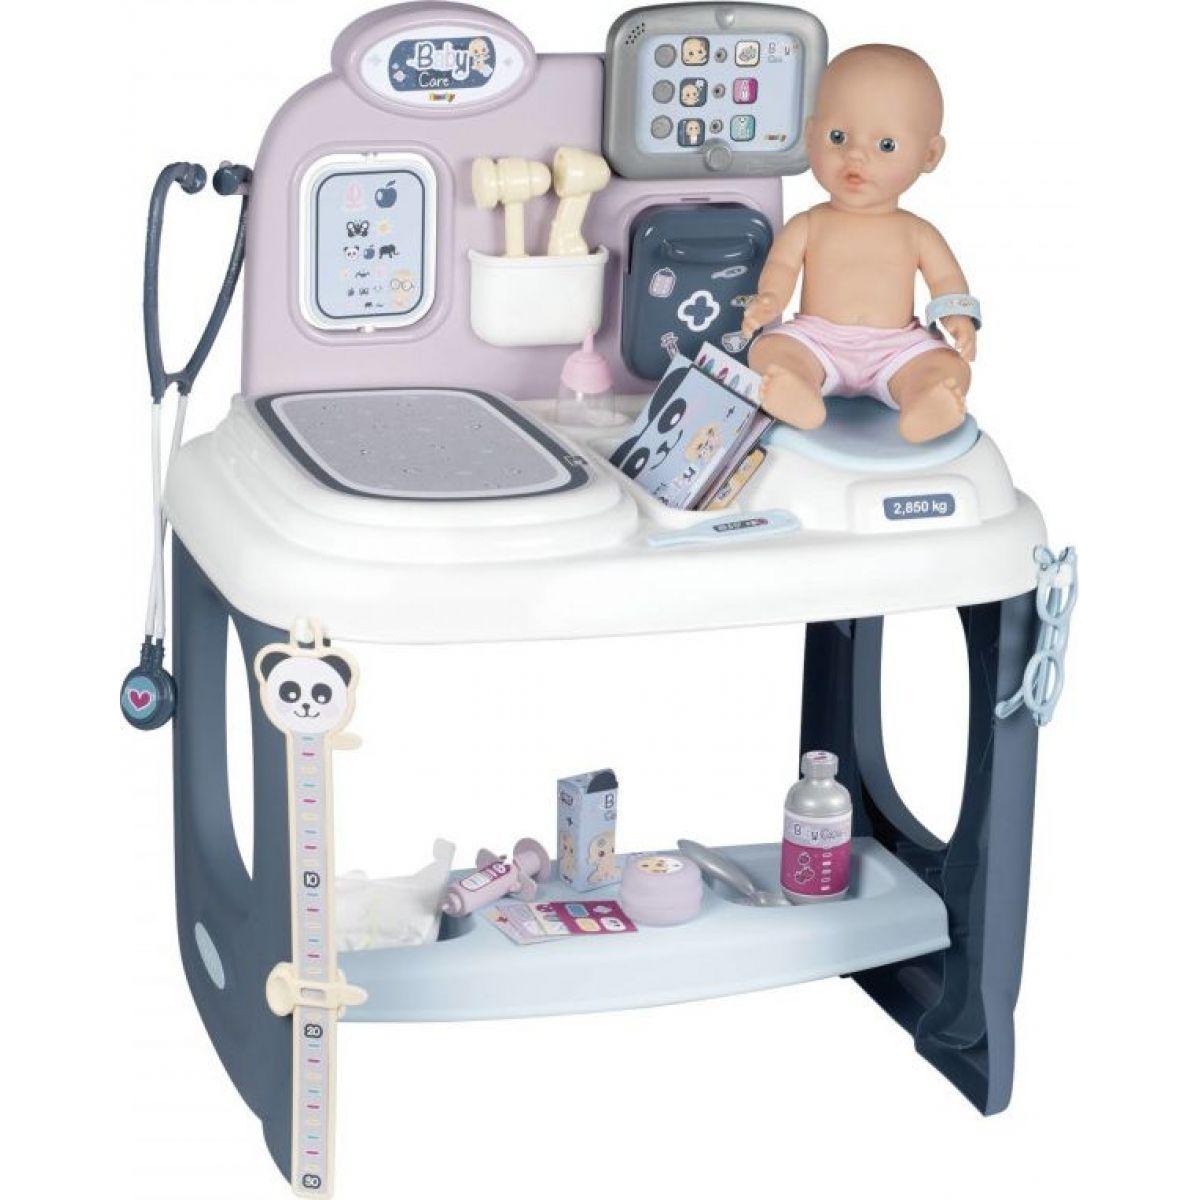 Smoby Baby Care Center s príslušenstvom